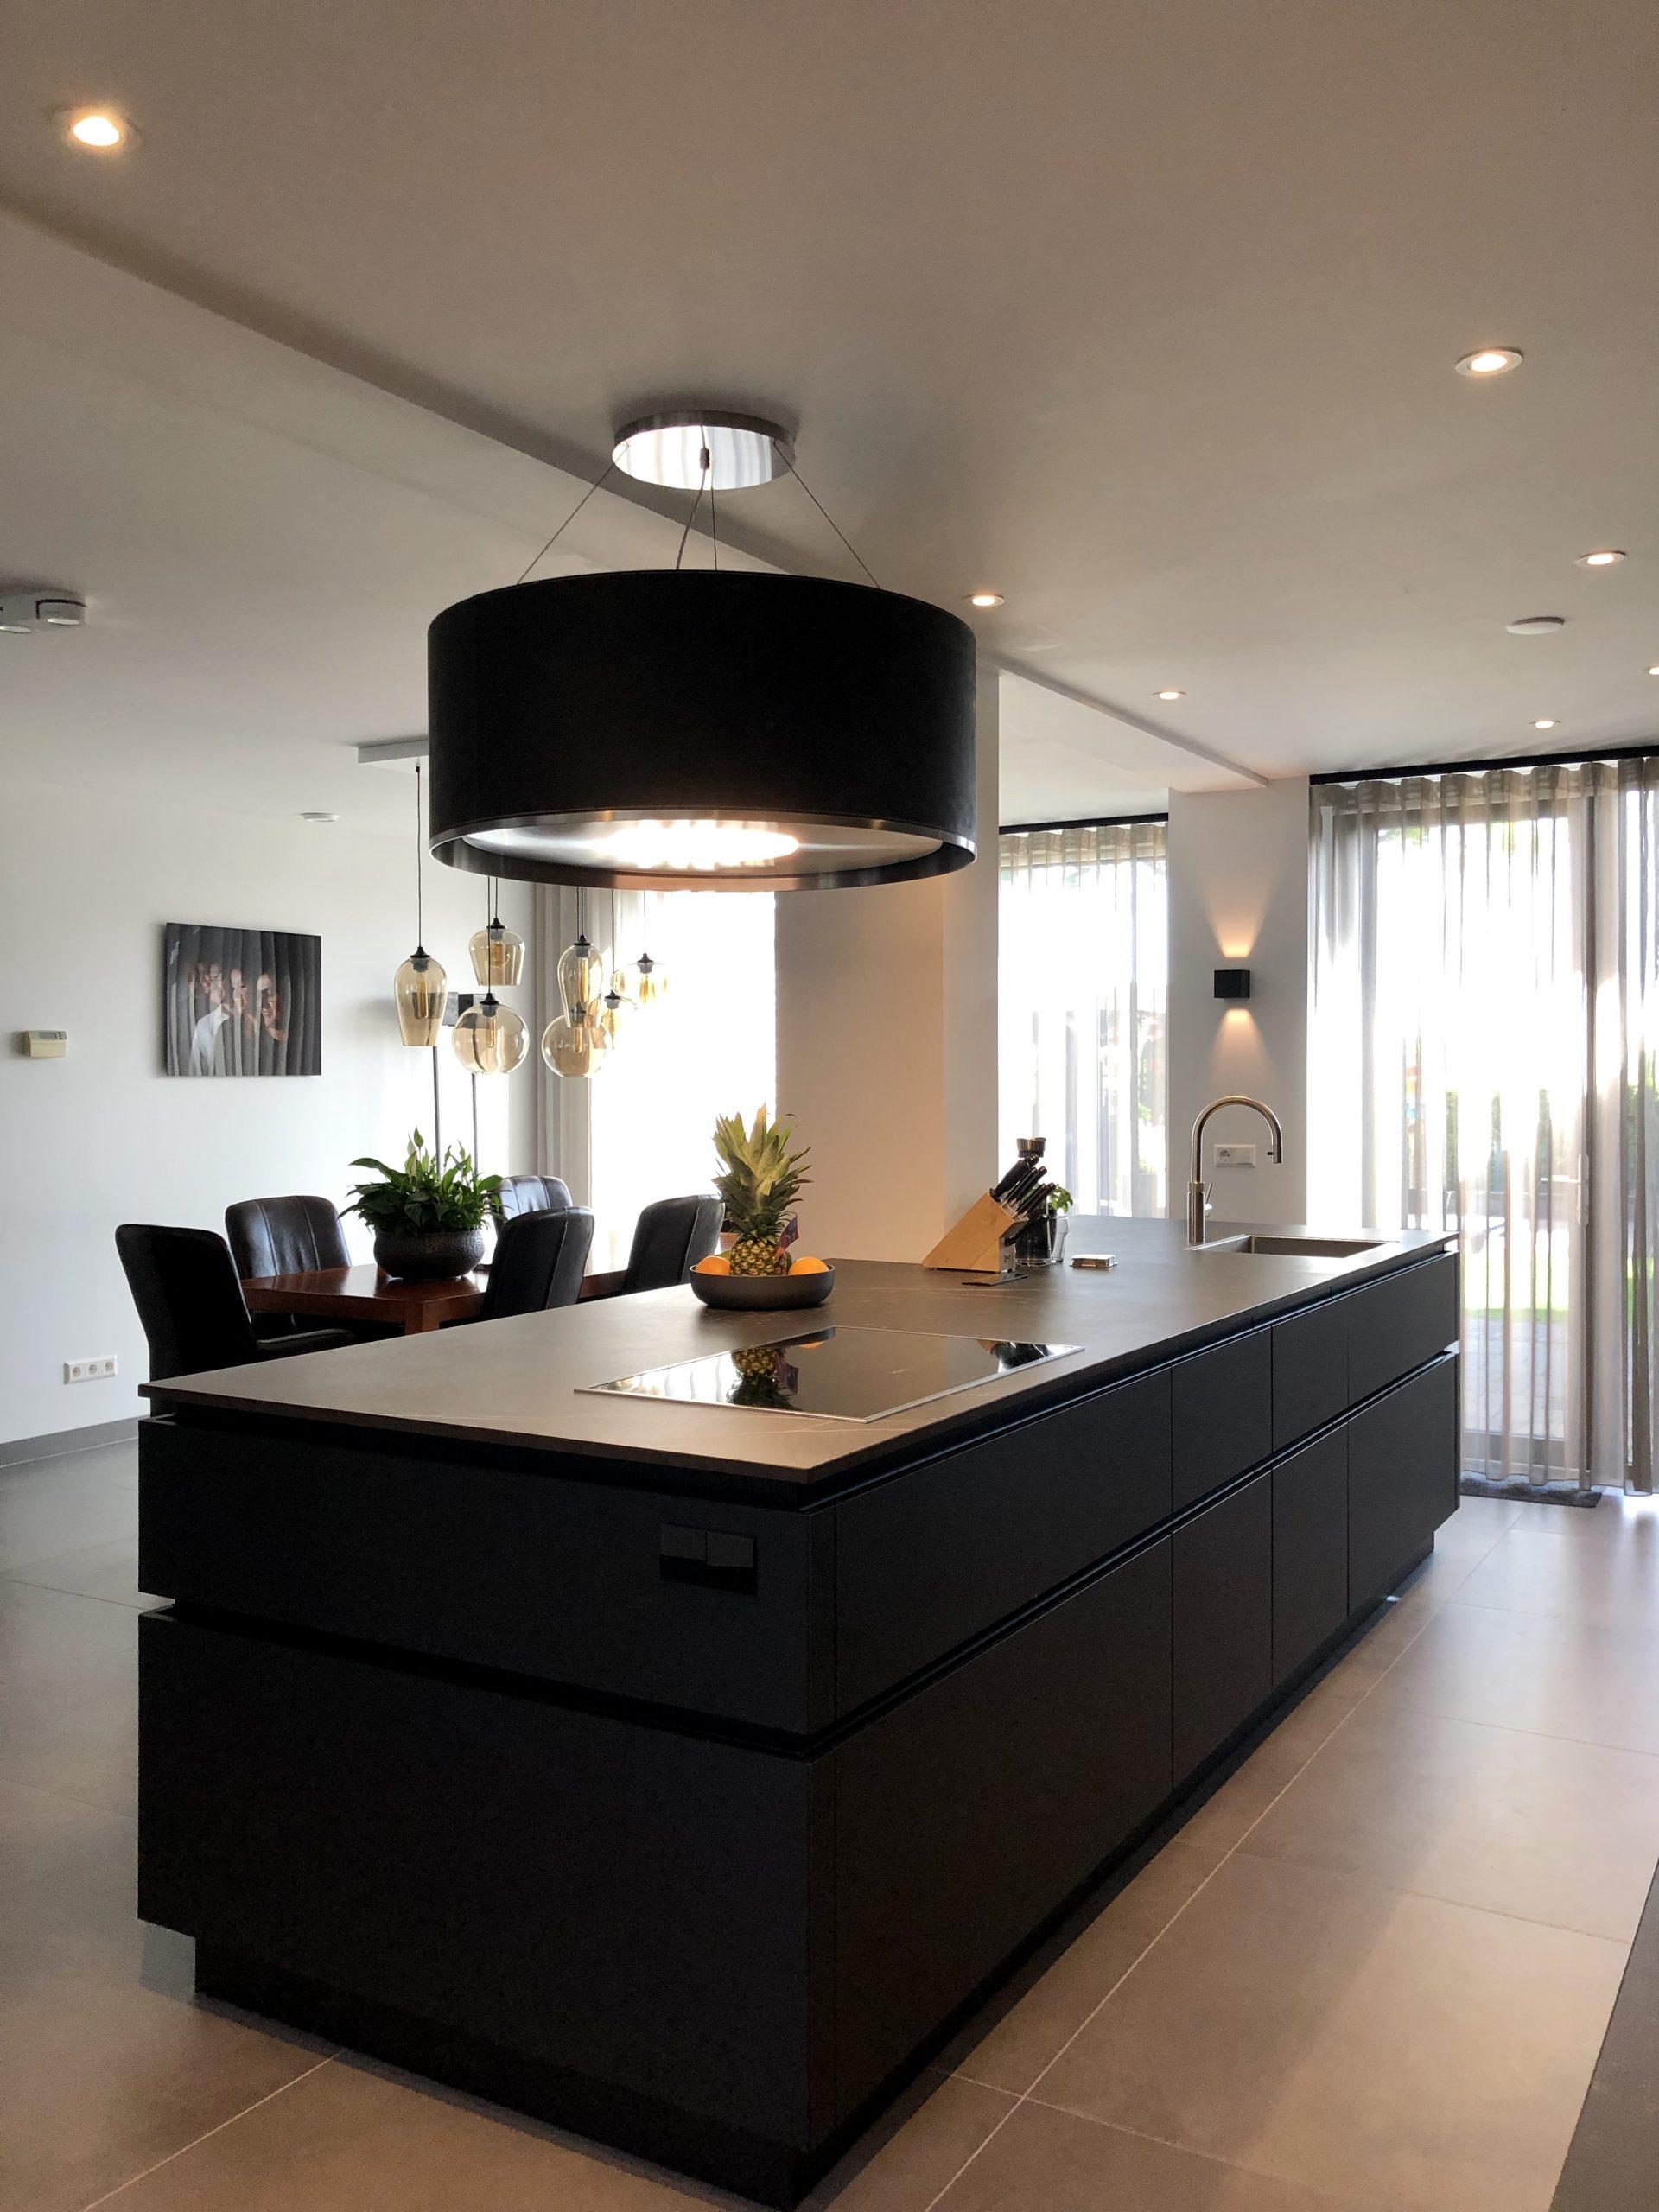 designkeuken met kookeiland geintegreerde pilaar